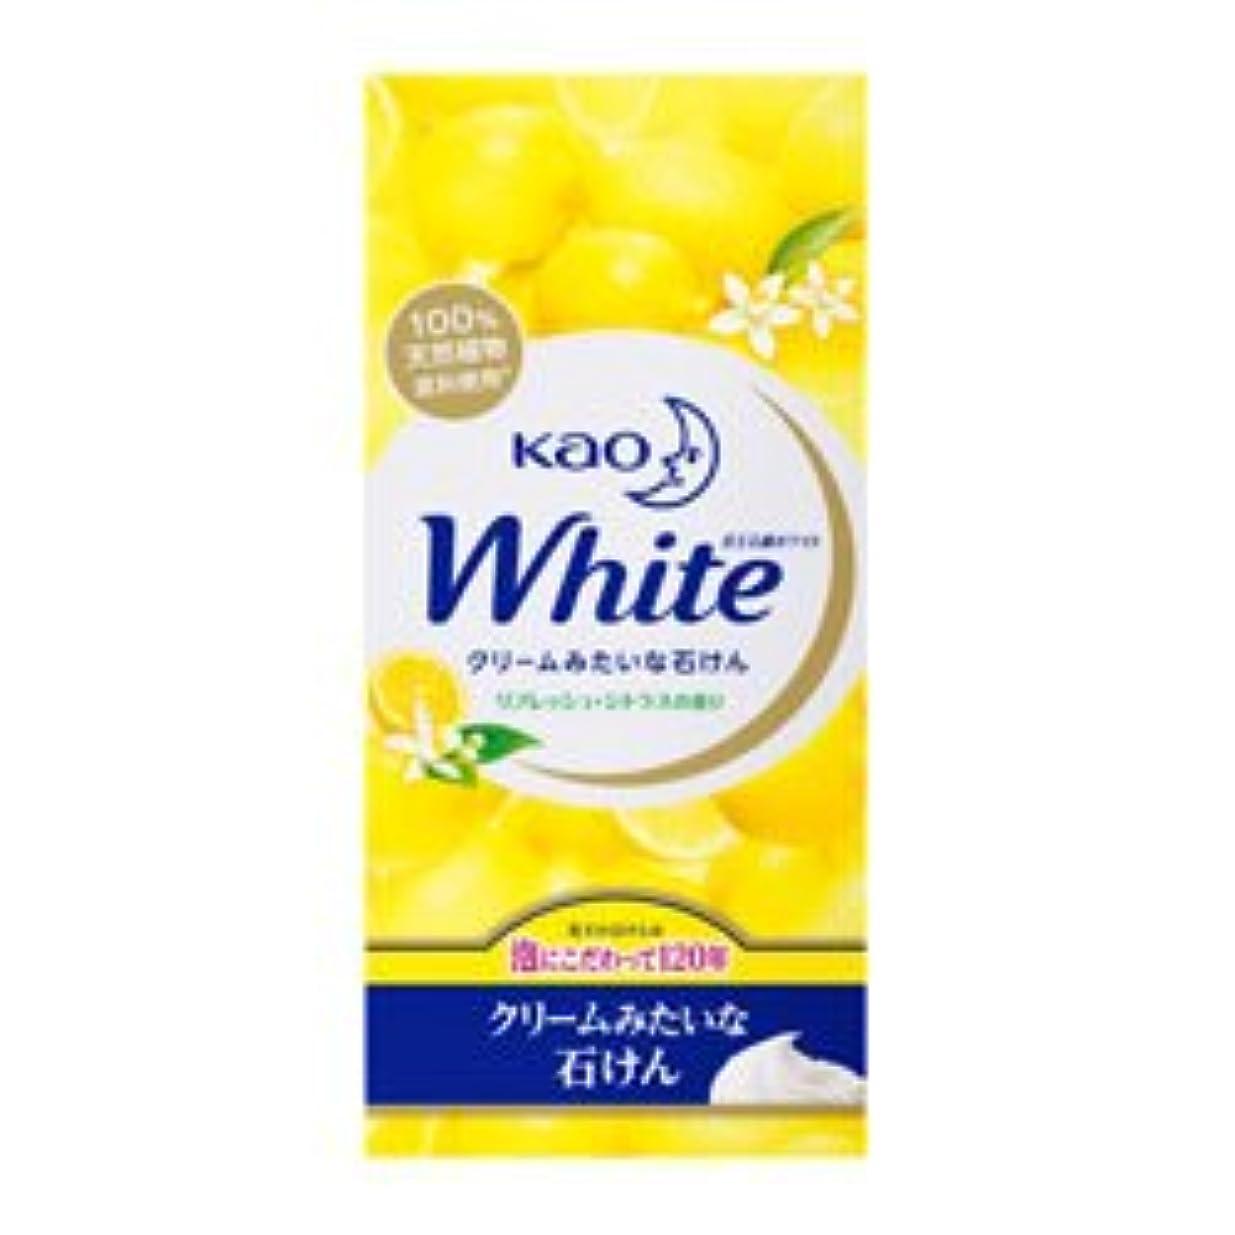 気質周辺確執【花王】ホワイト リフレッシュ?シトラスの香り レギュラーサイズ 85g×6個入 ×20個セット